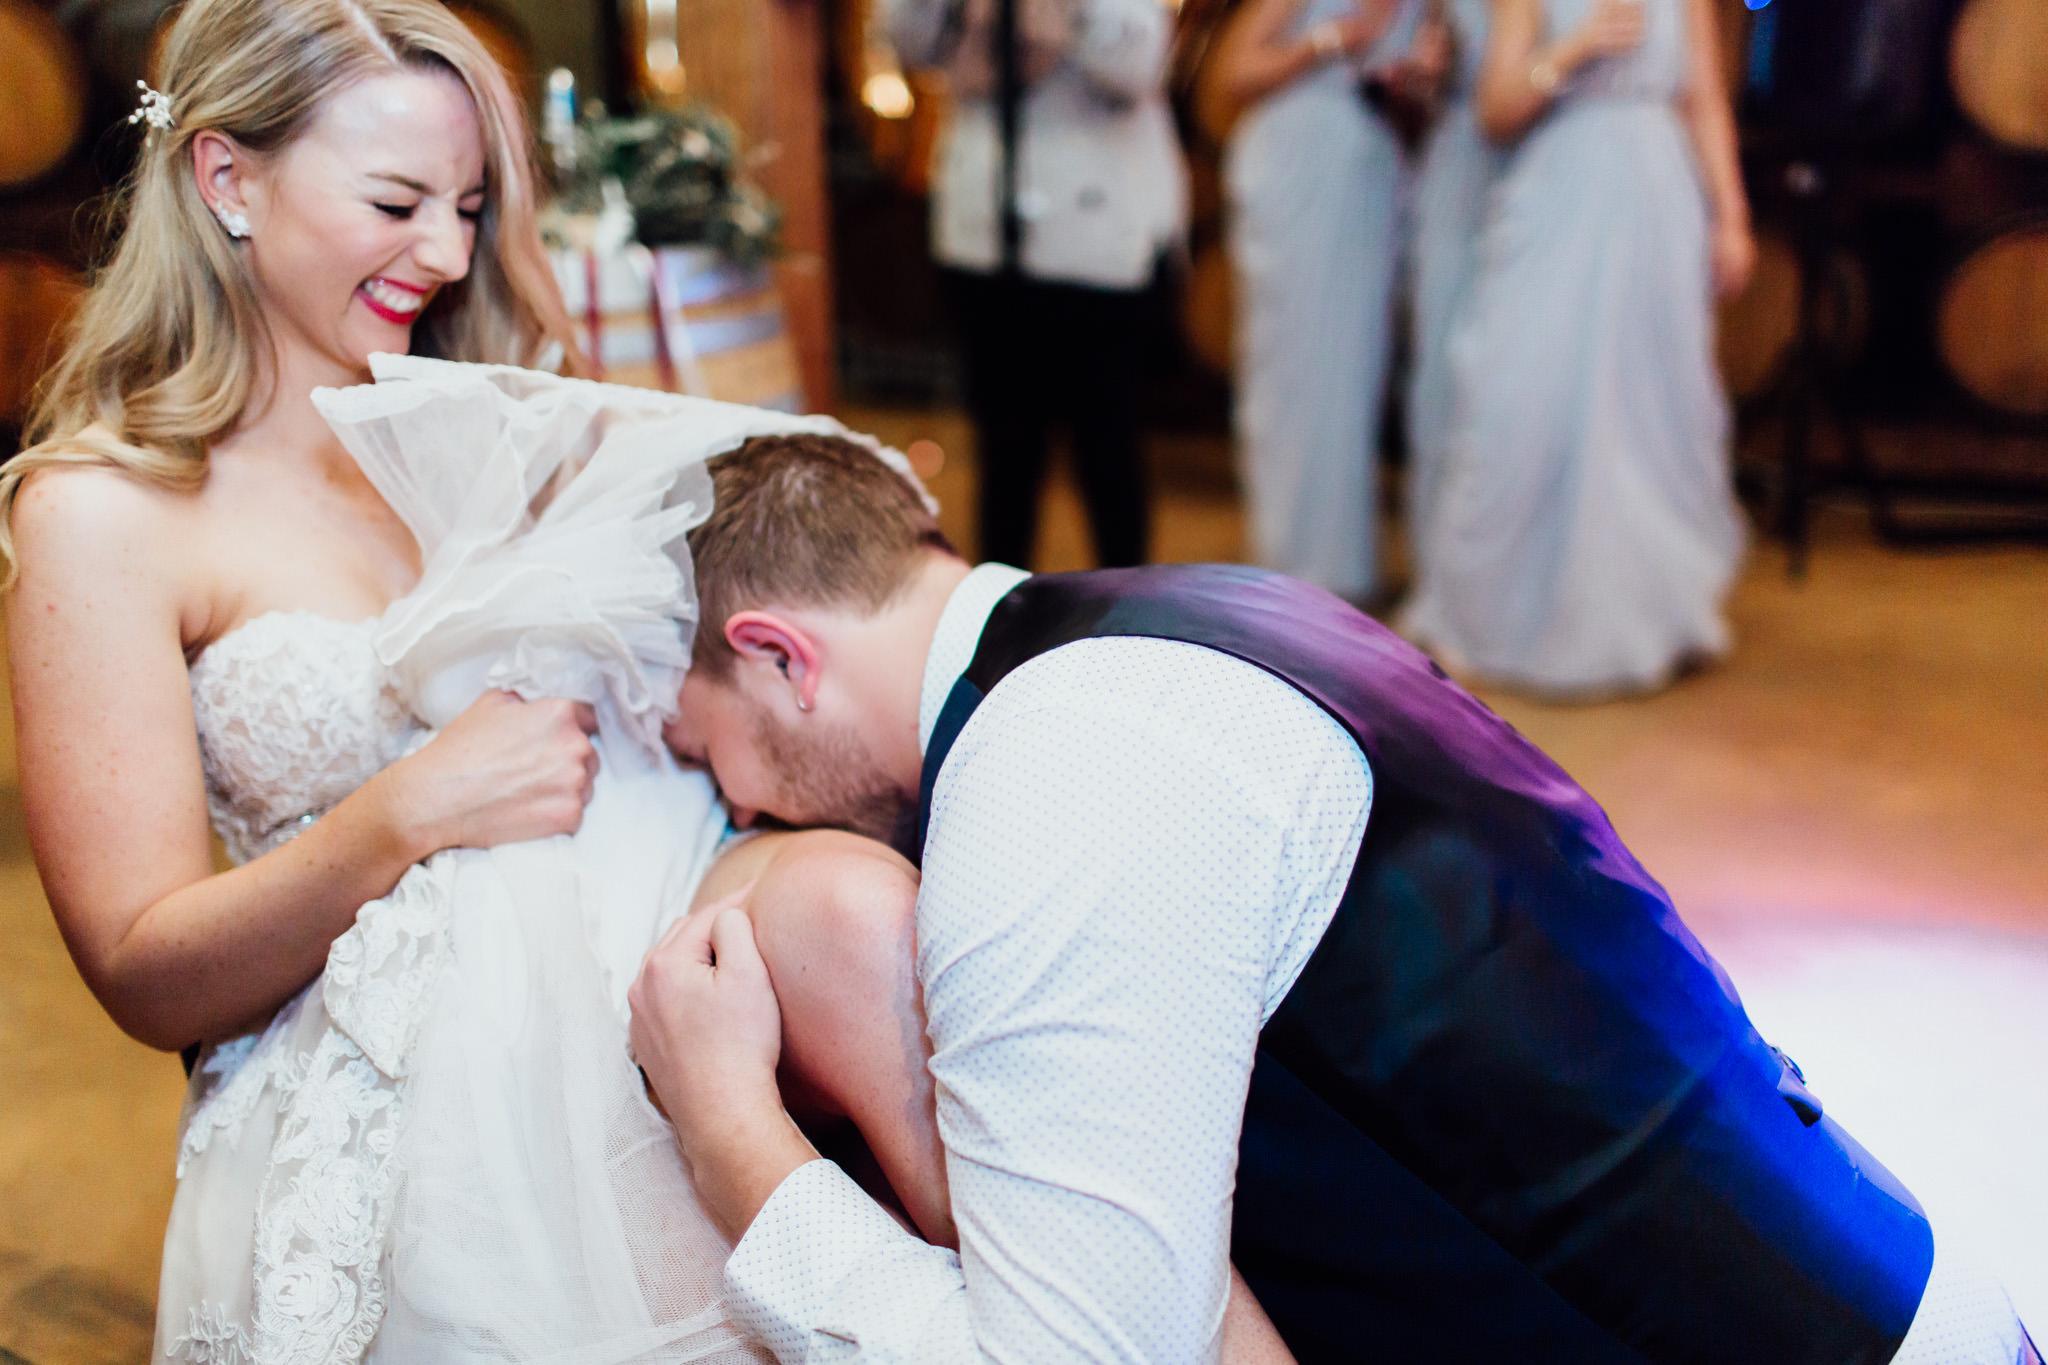 WeddingPhotos_Facebook_2048pixels-1166.jpg